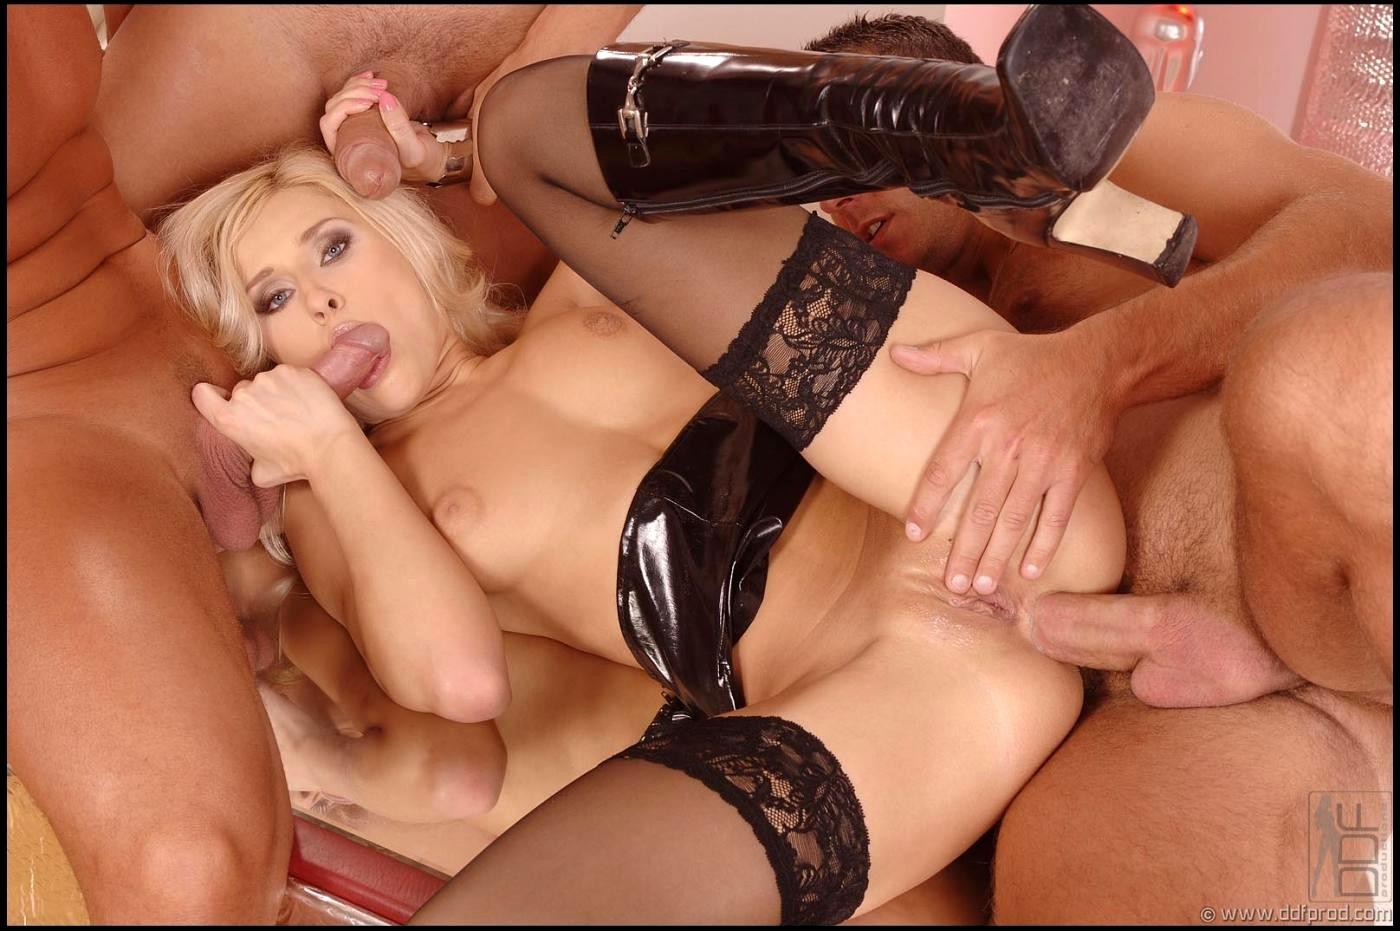 Секс с распутиным, Распутин xxx фильм » Лучшее бесплатное порно видео 22 фотография